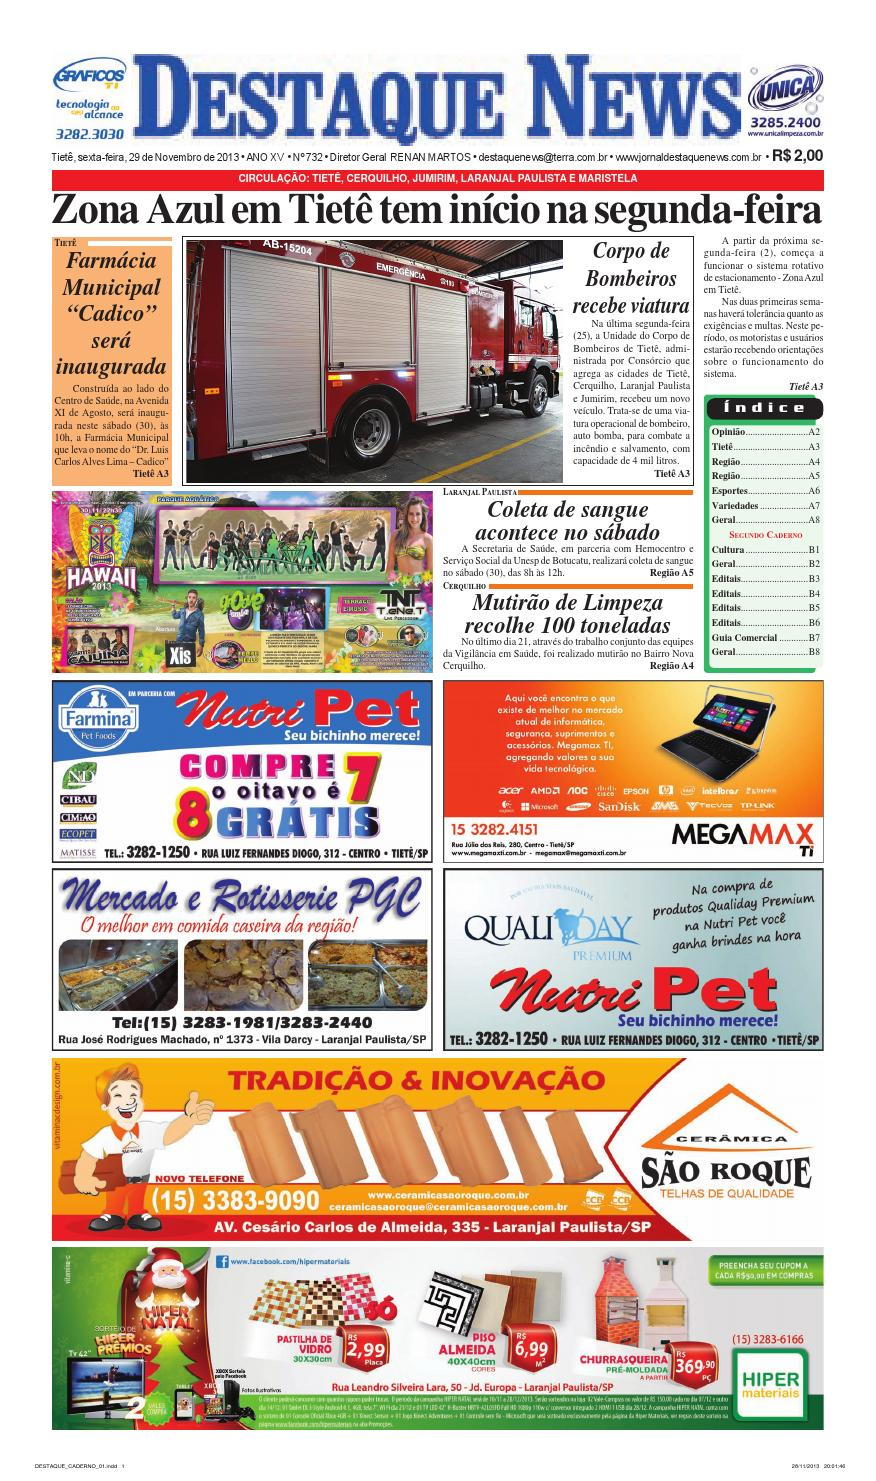 Jornal Destaque News - Edição 732 by Renan Martos - issuu 009c2178a6cf5